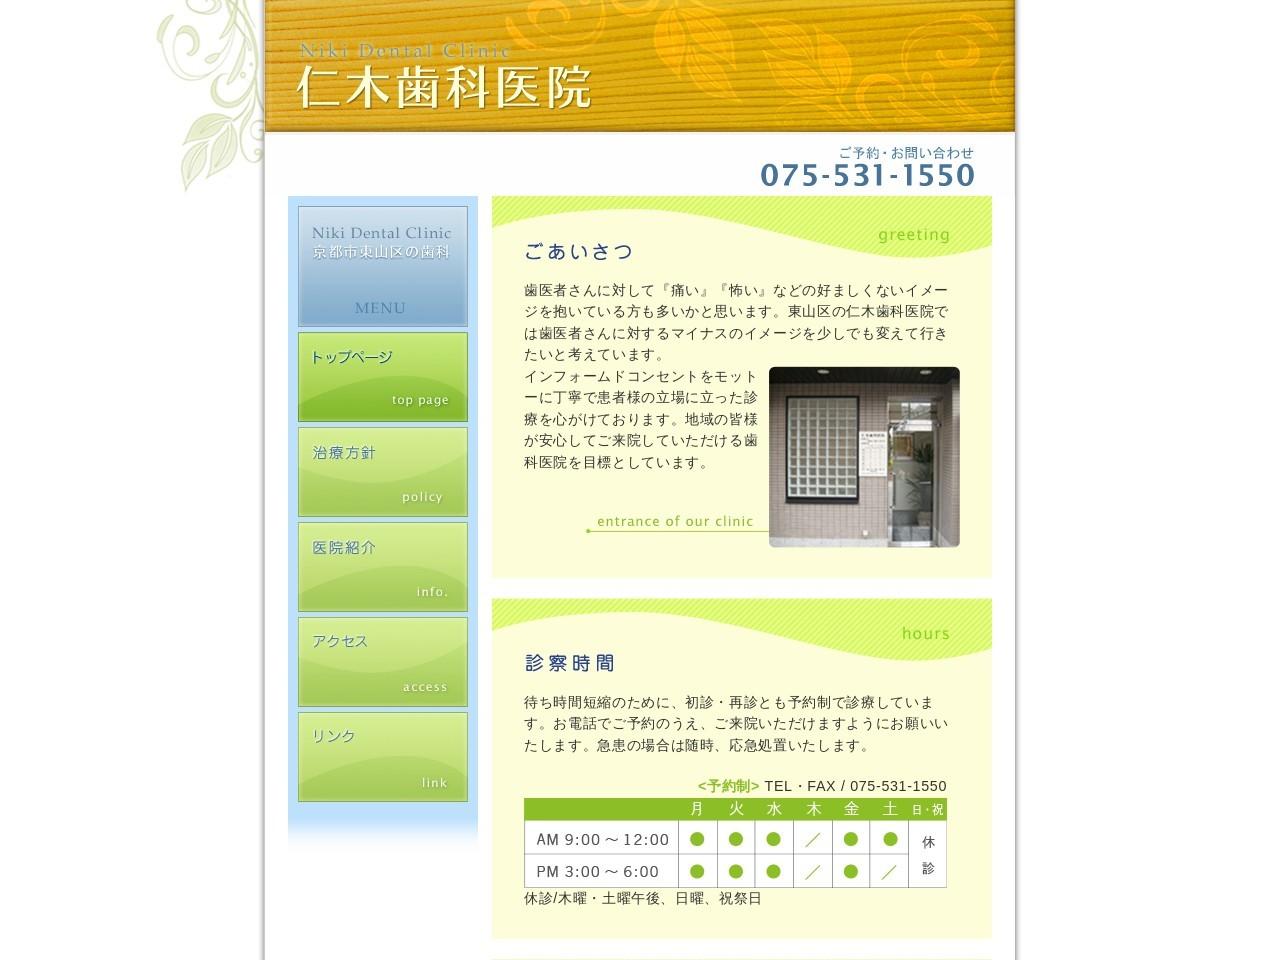 仁木歯科医院 (京都府京都市東山区)